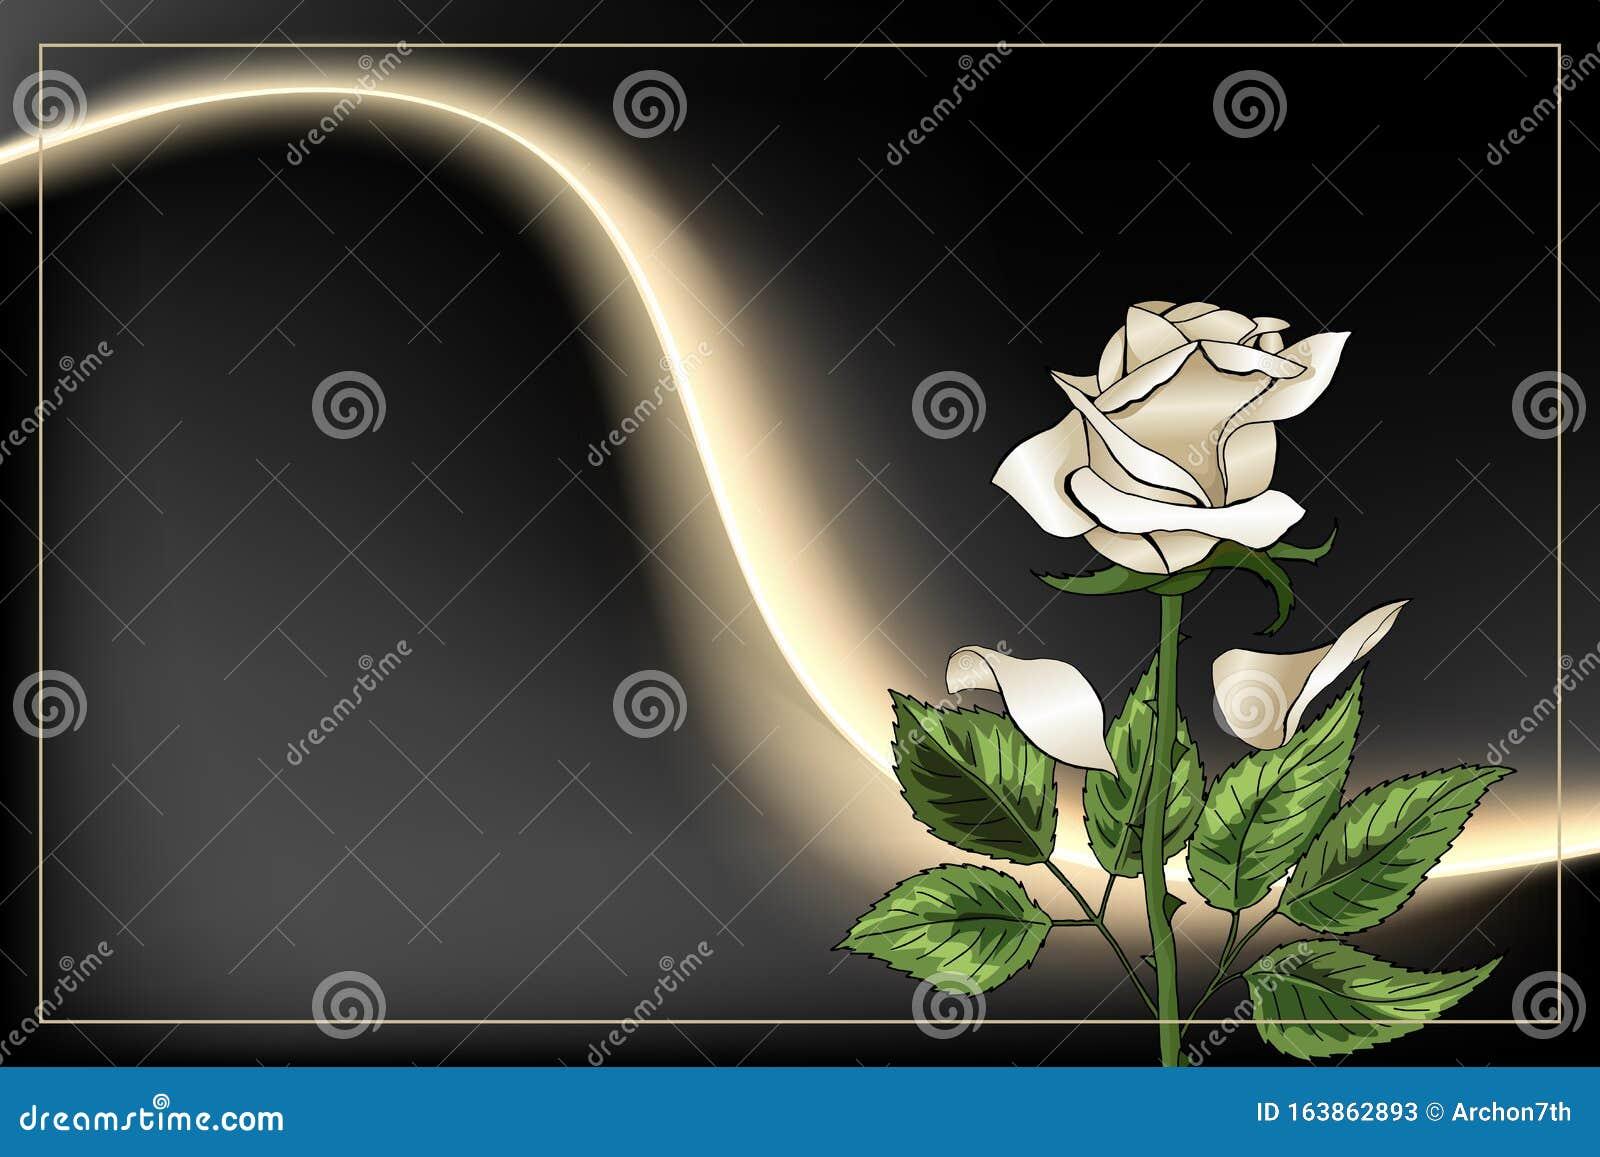 white rose dating site există un site de dating pentru cowboys